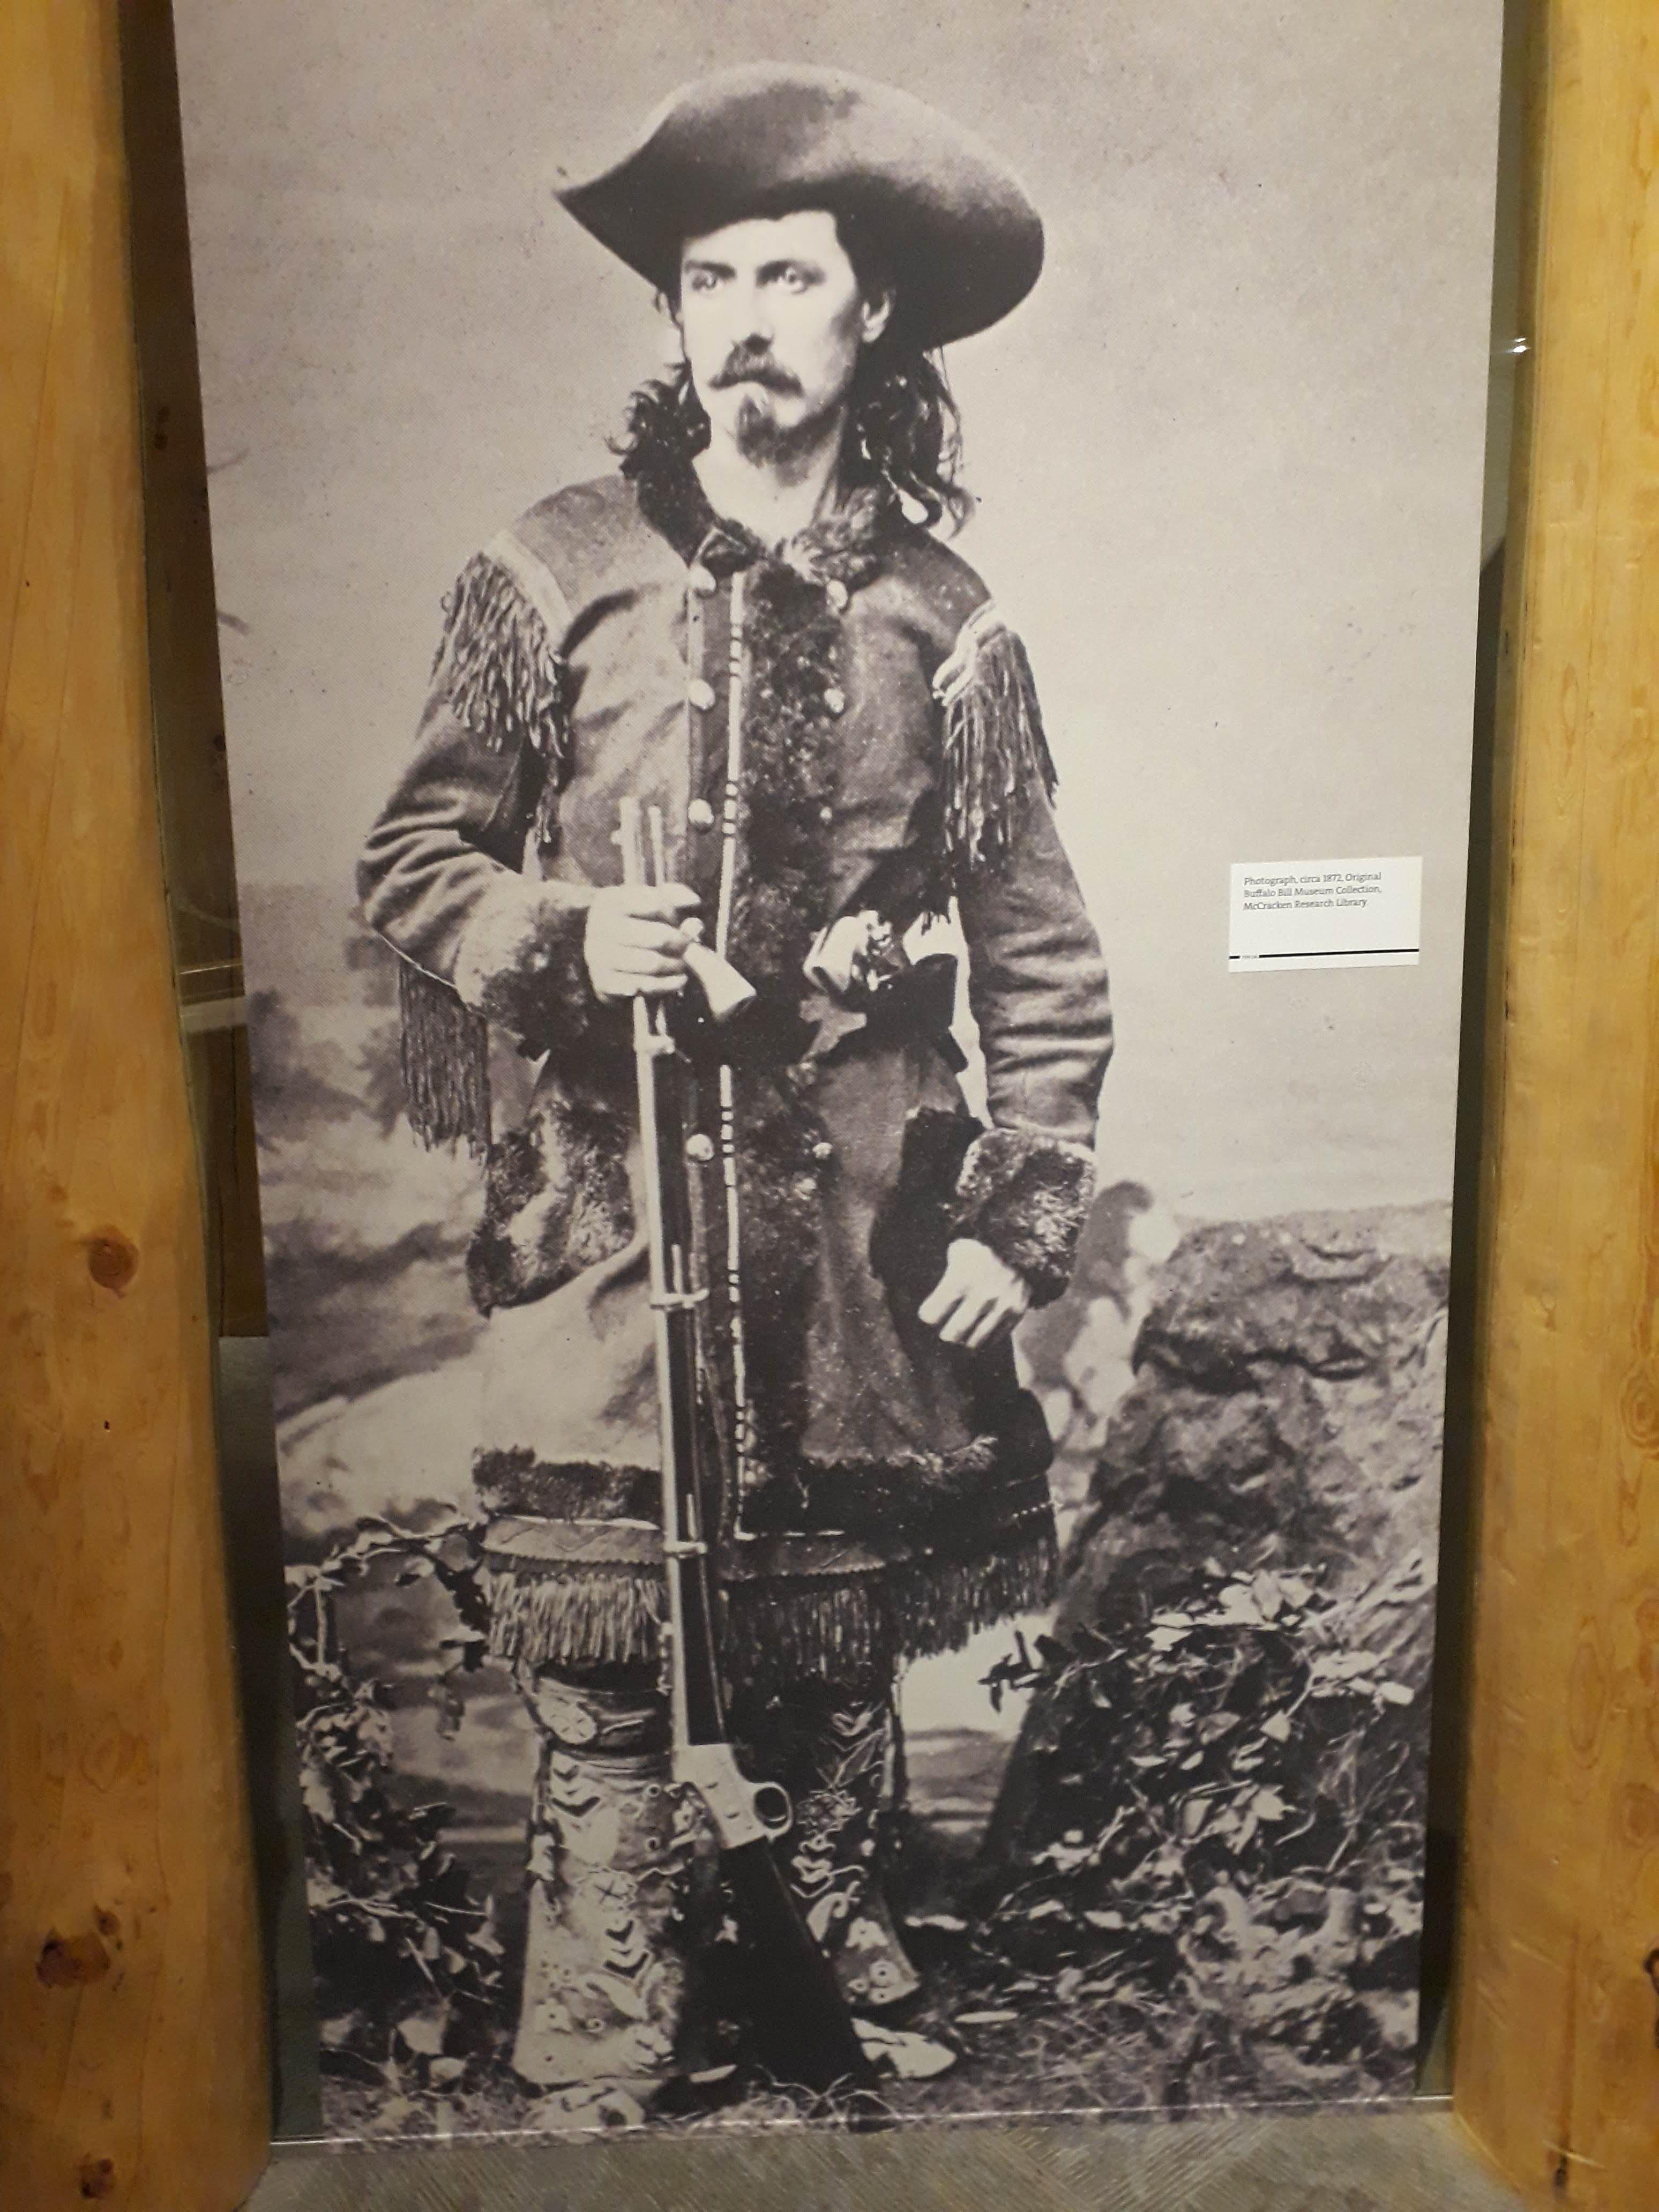 Cody - Wyoming - Buffalo Bill